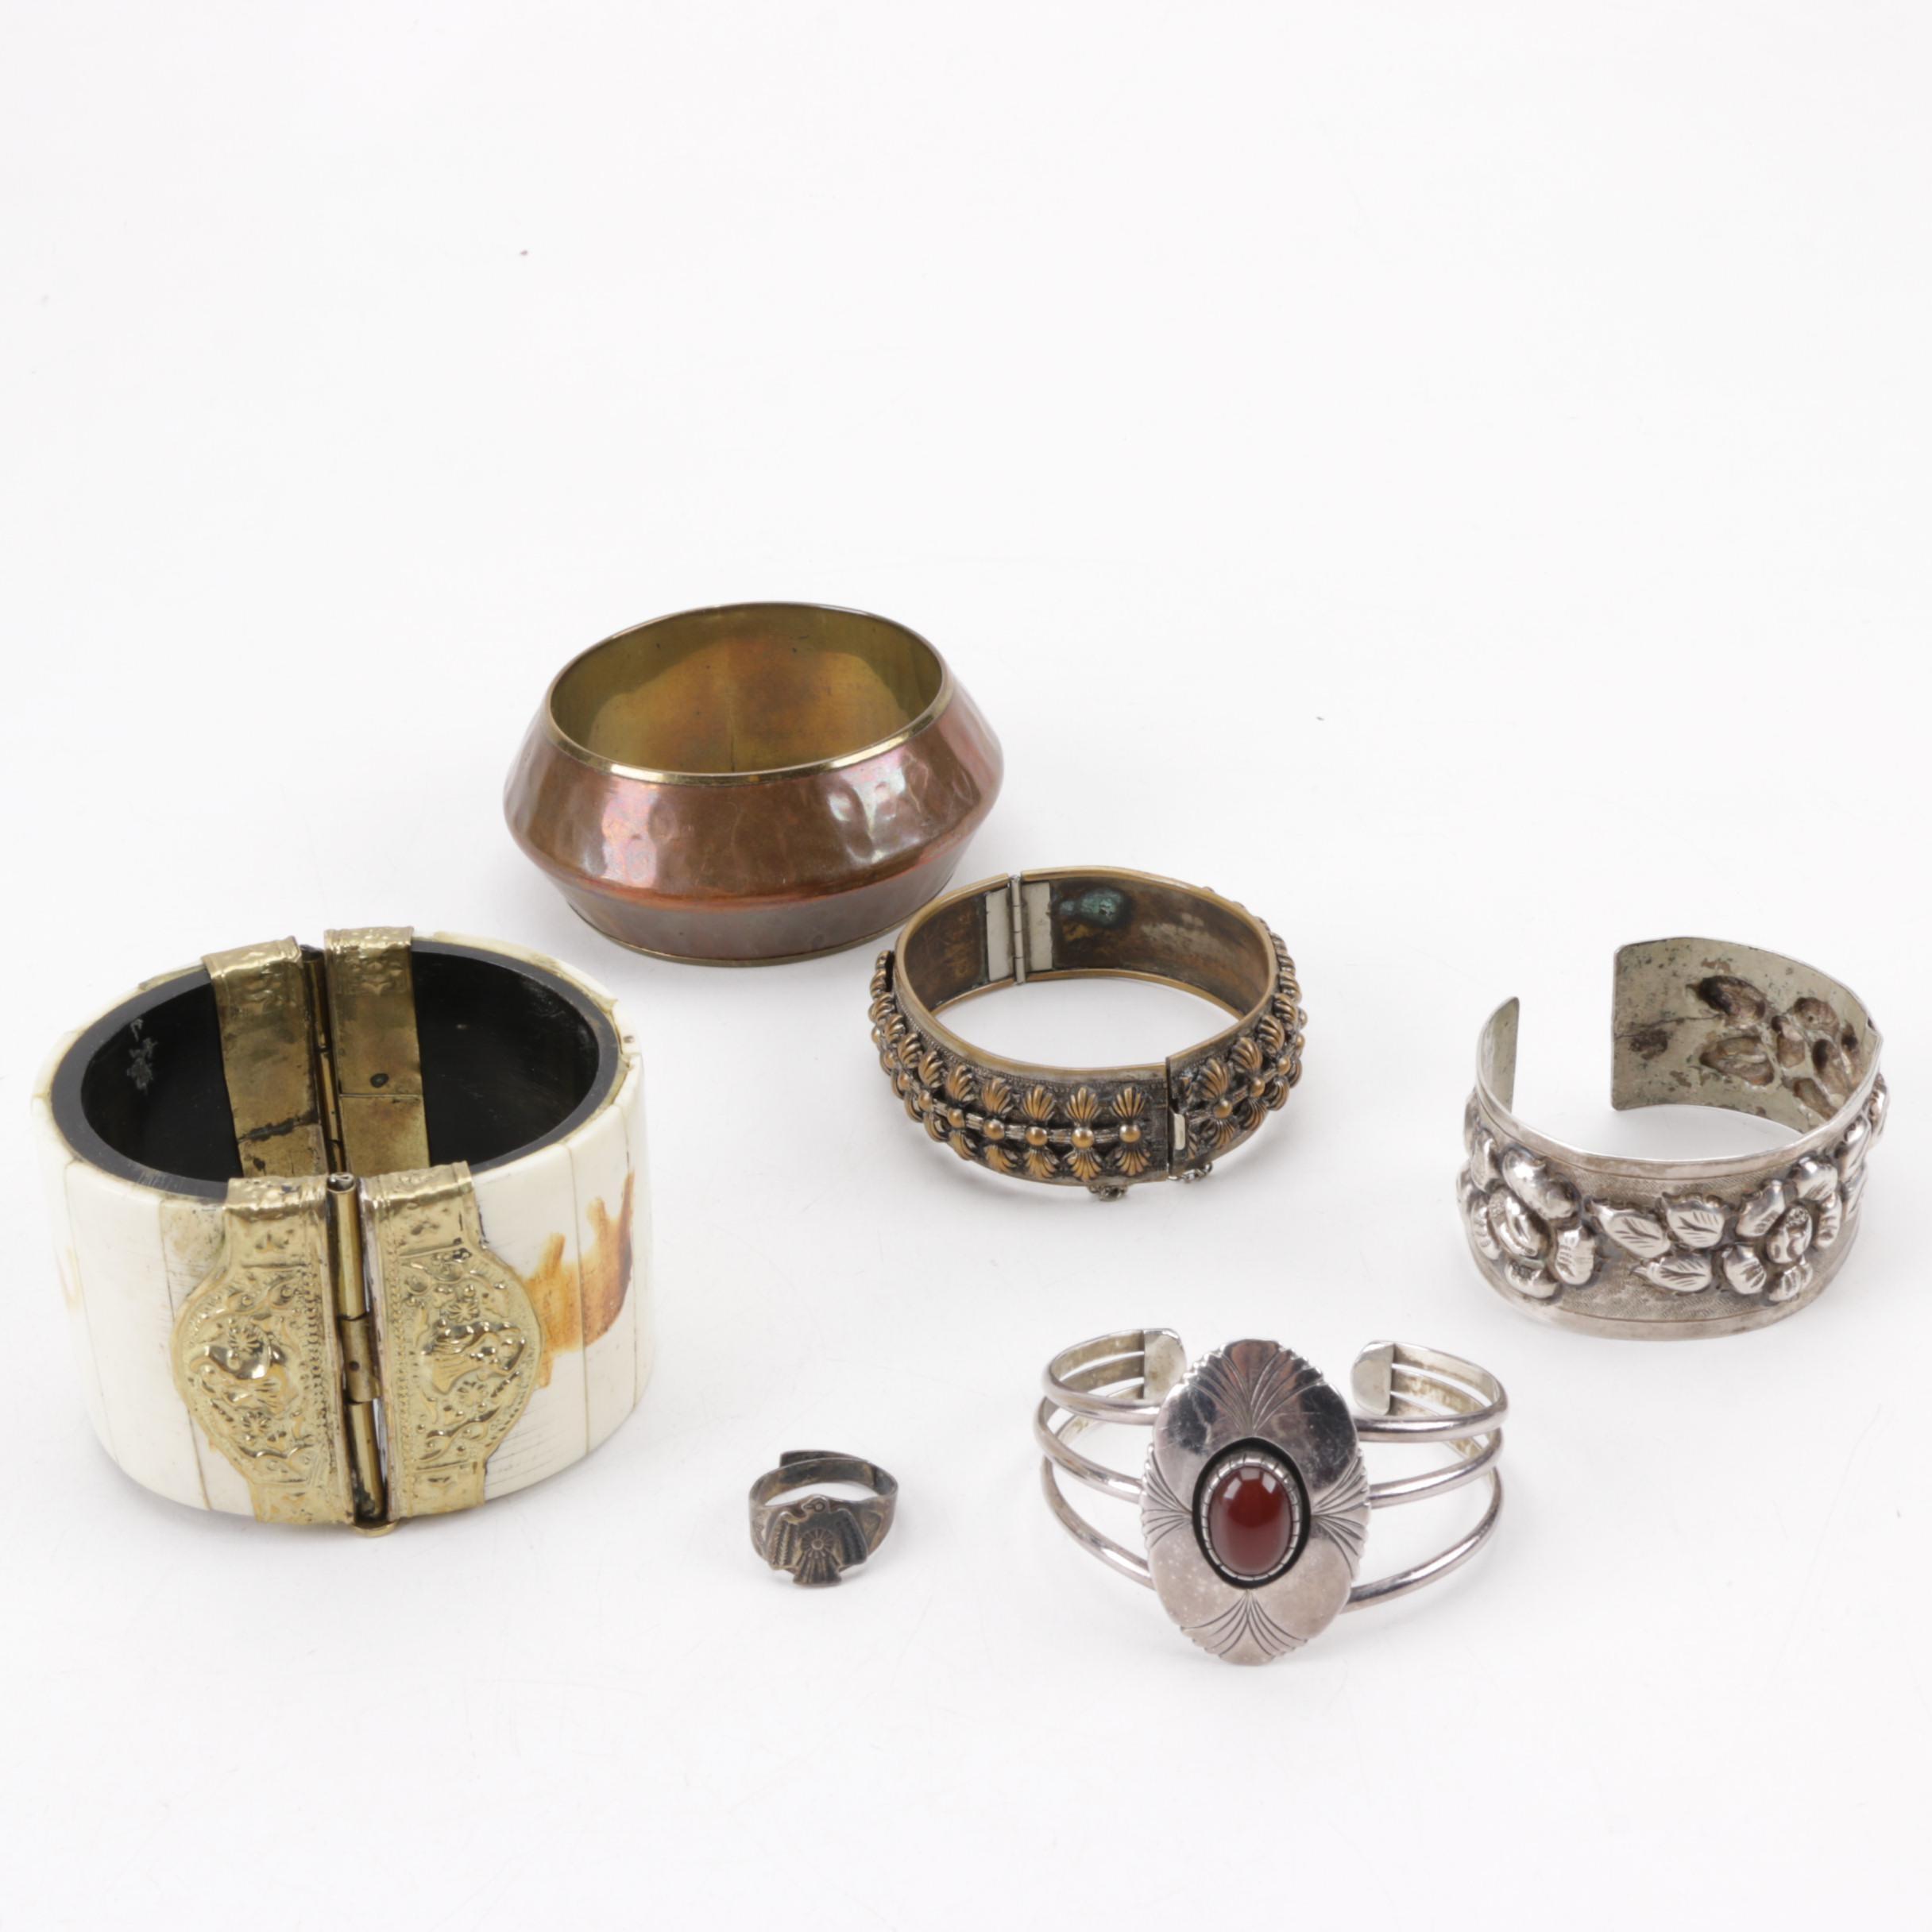 Vintage Bracelets Including A Ring